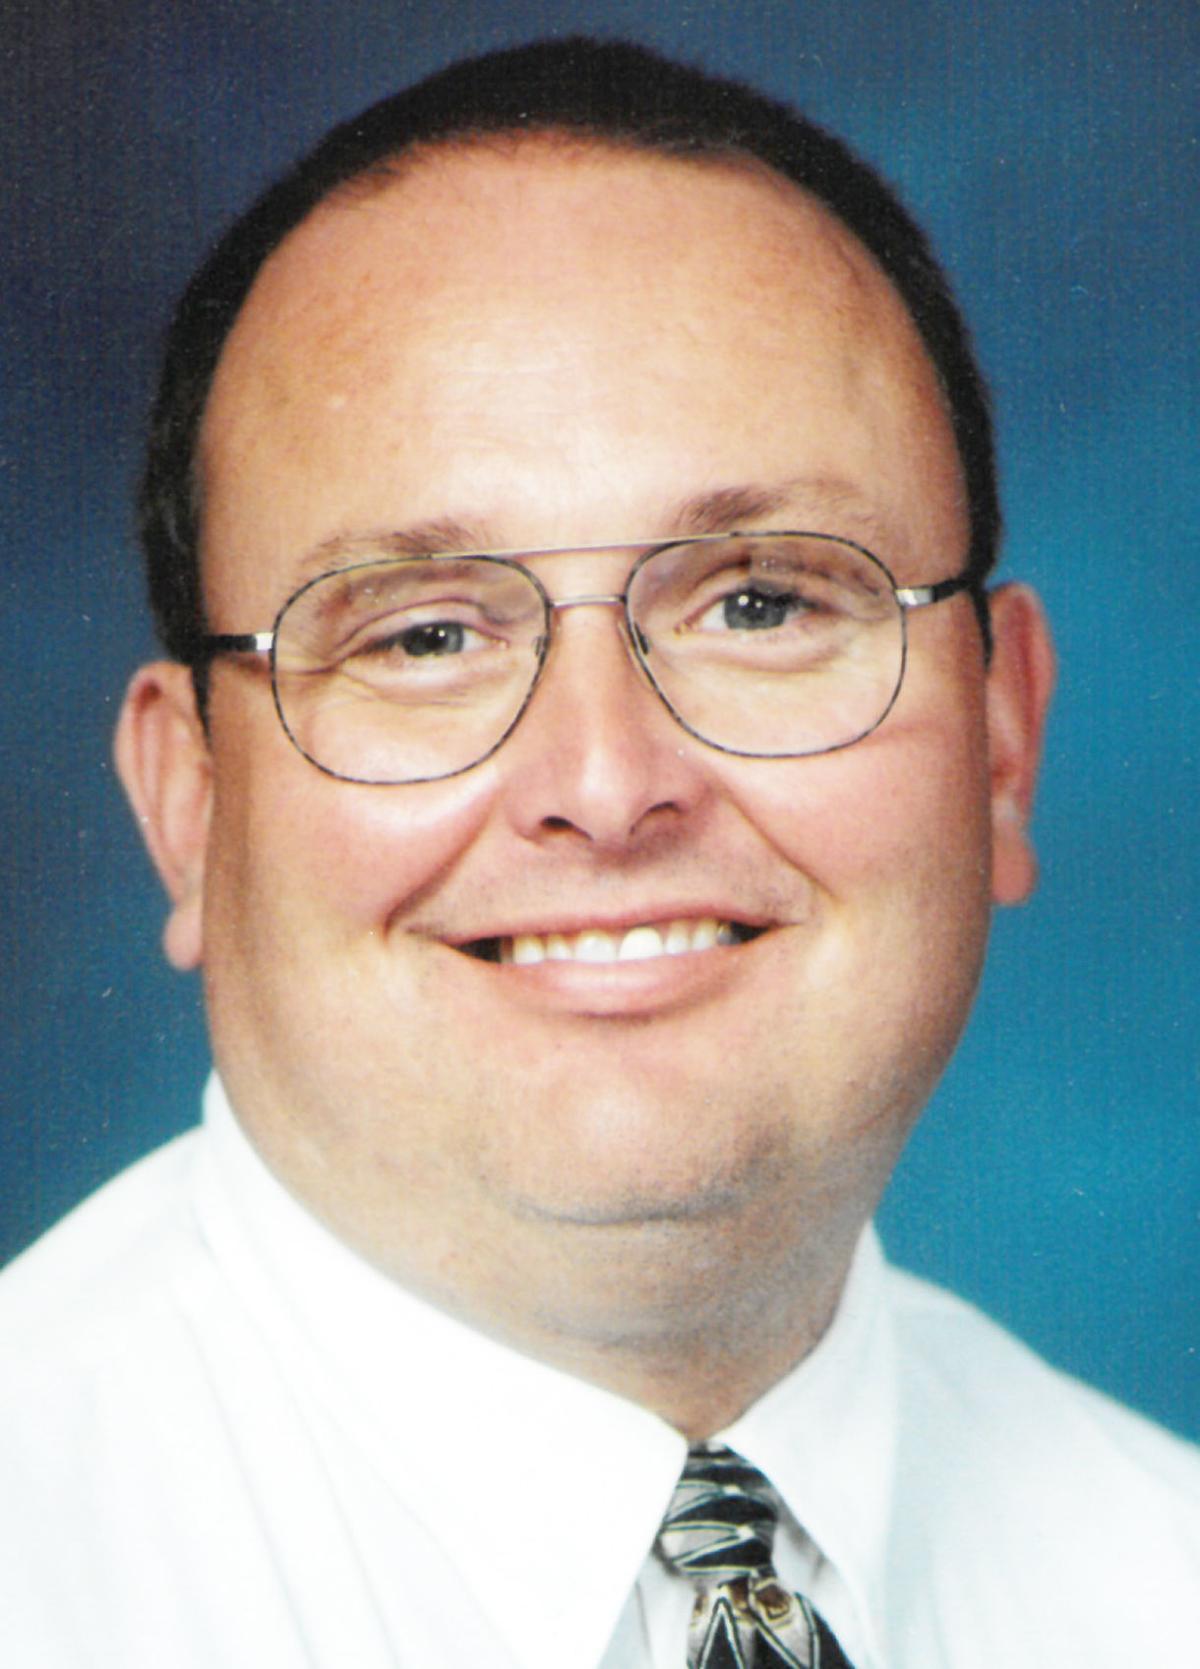 Mitchell Lanning